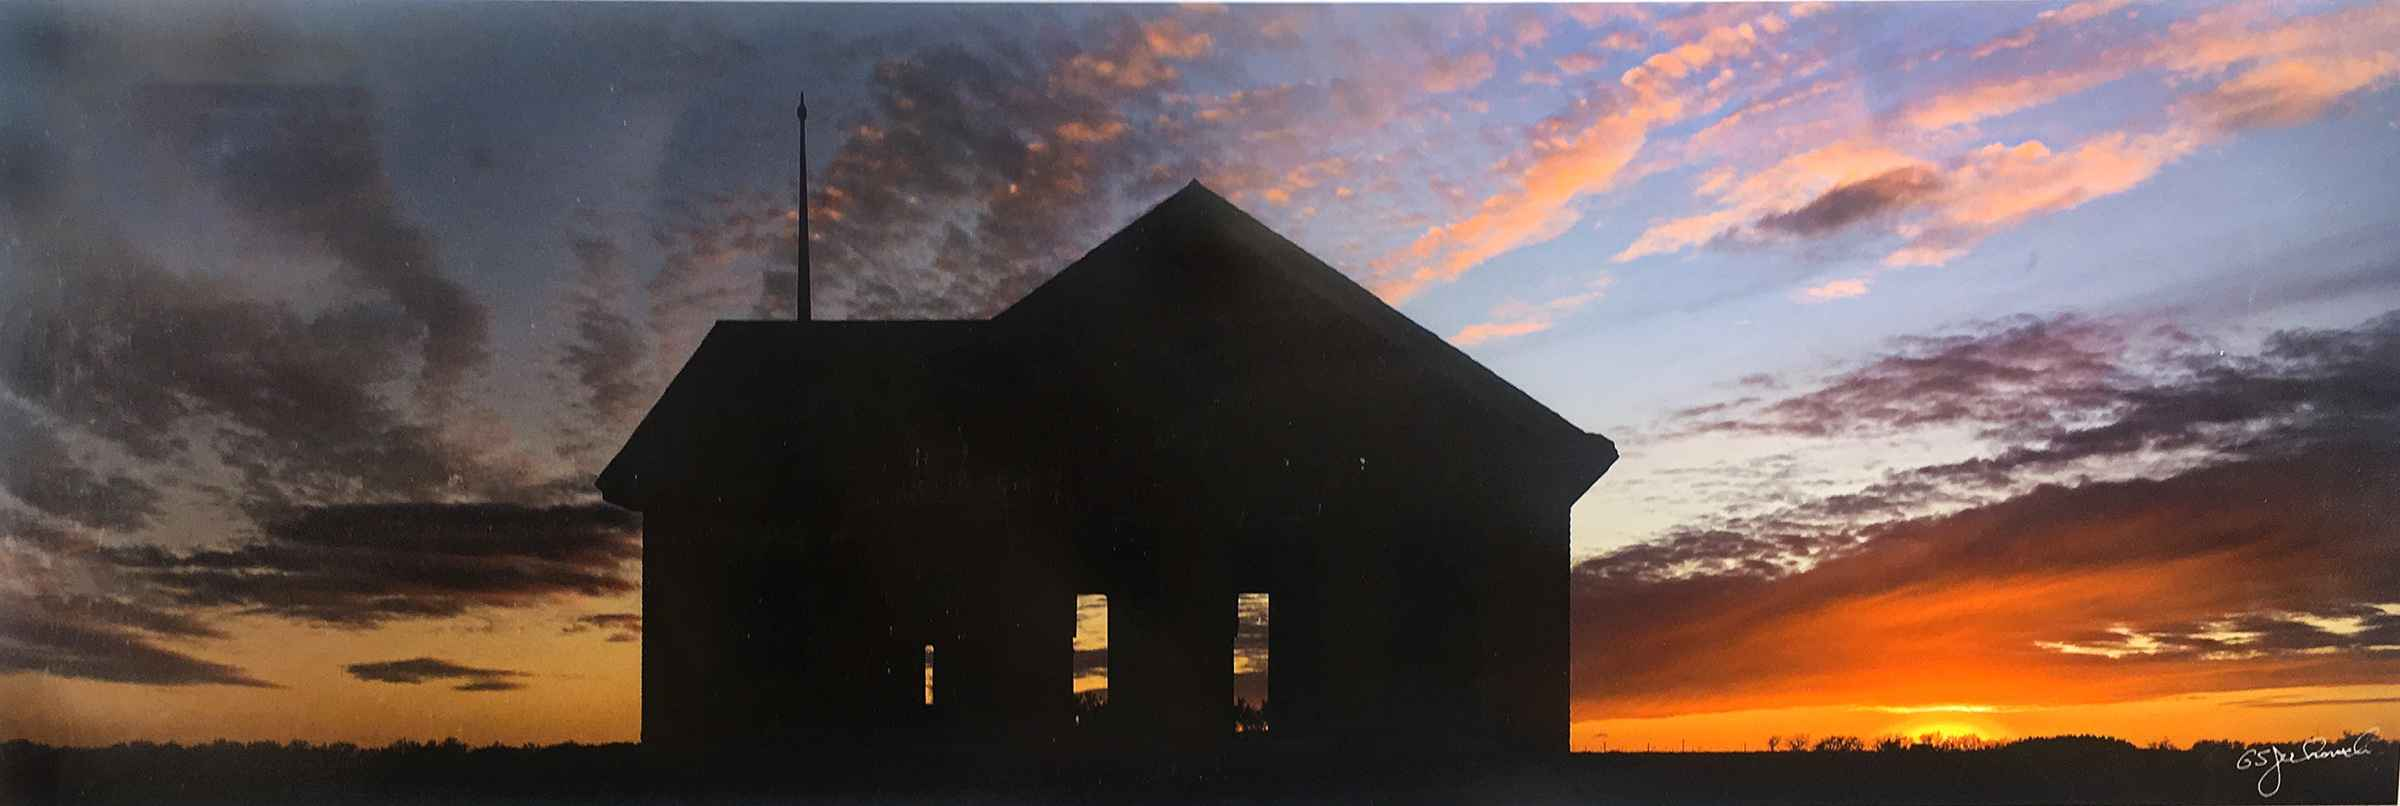 School House, Ottawa ... by  George Jerkovich - Masterpiece Online